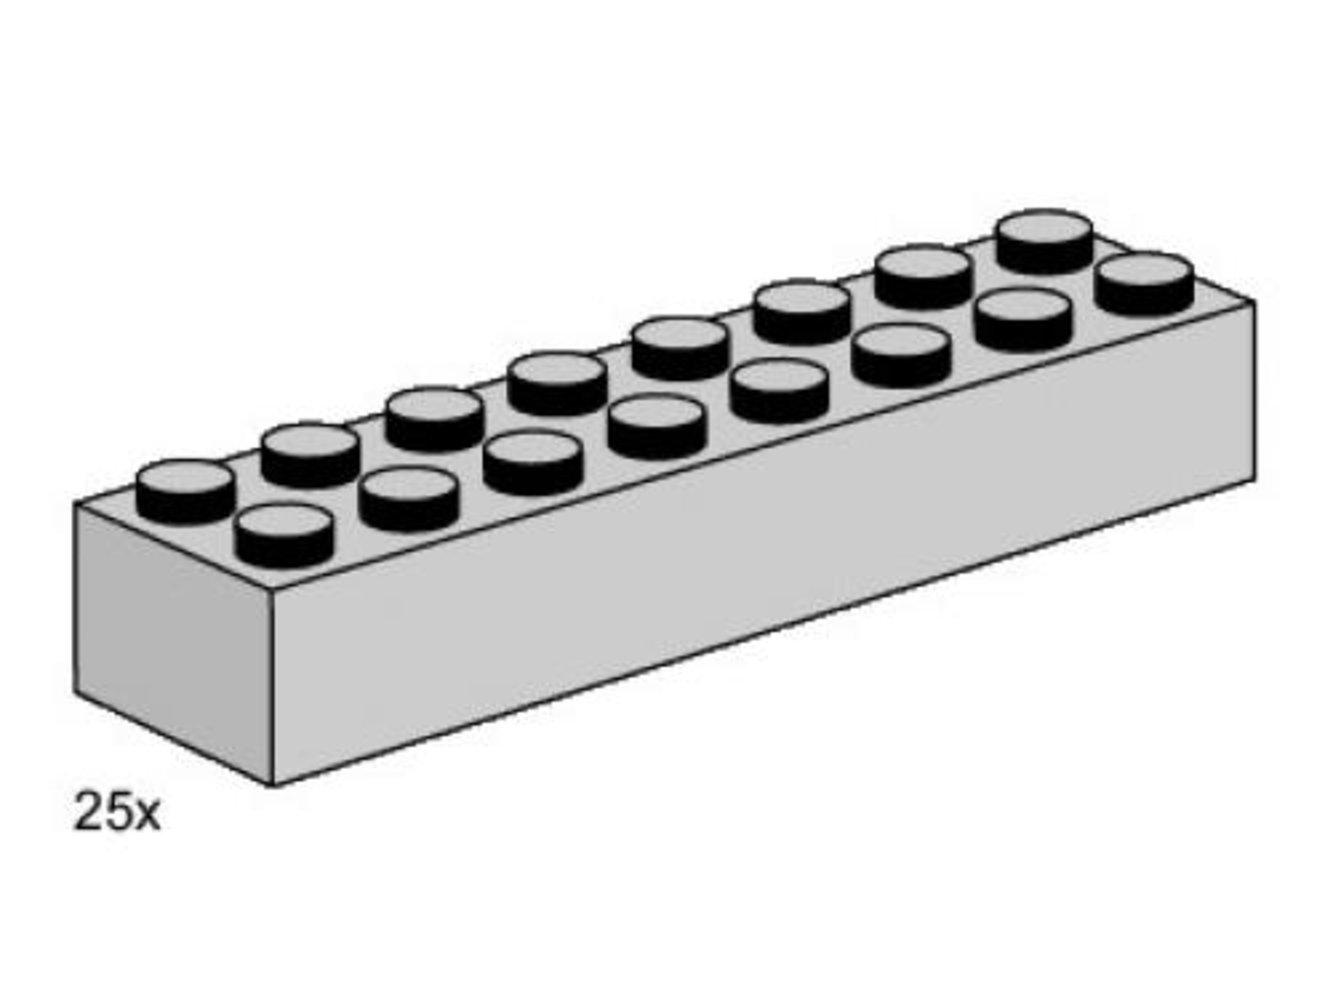 2 x 8 Light Gray Bricks